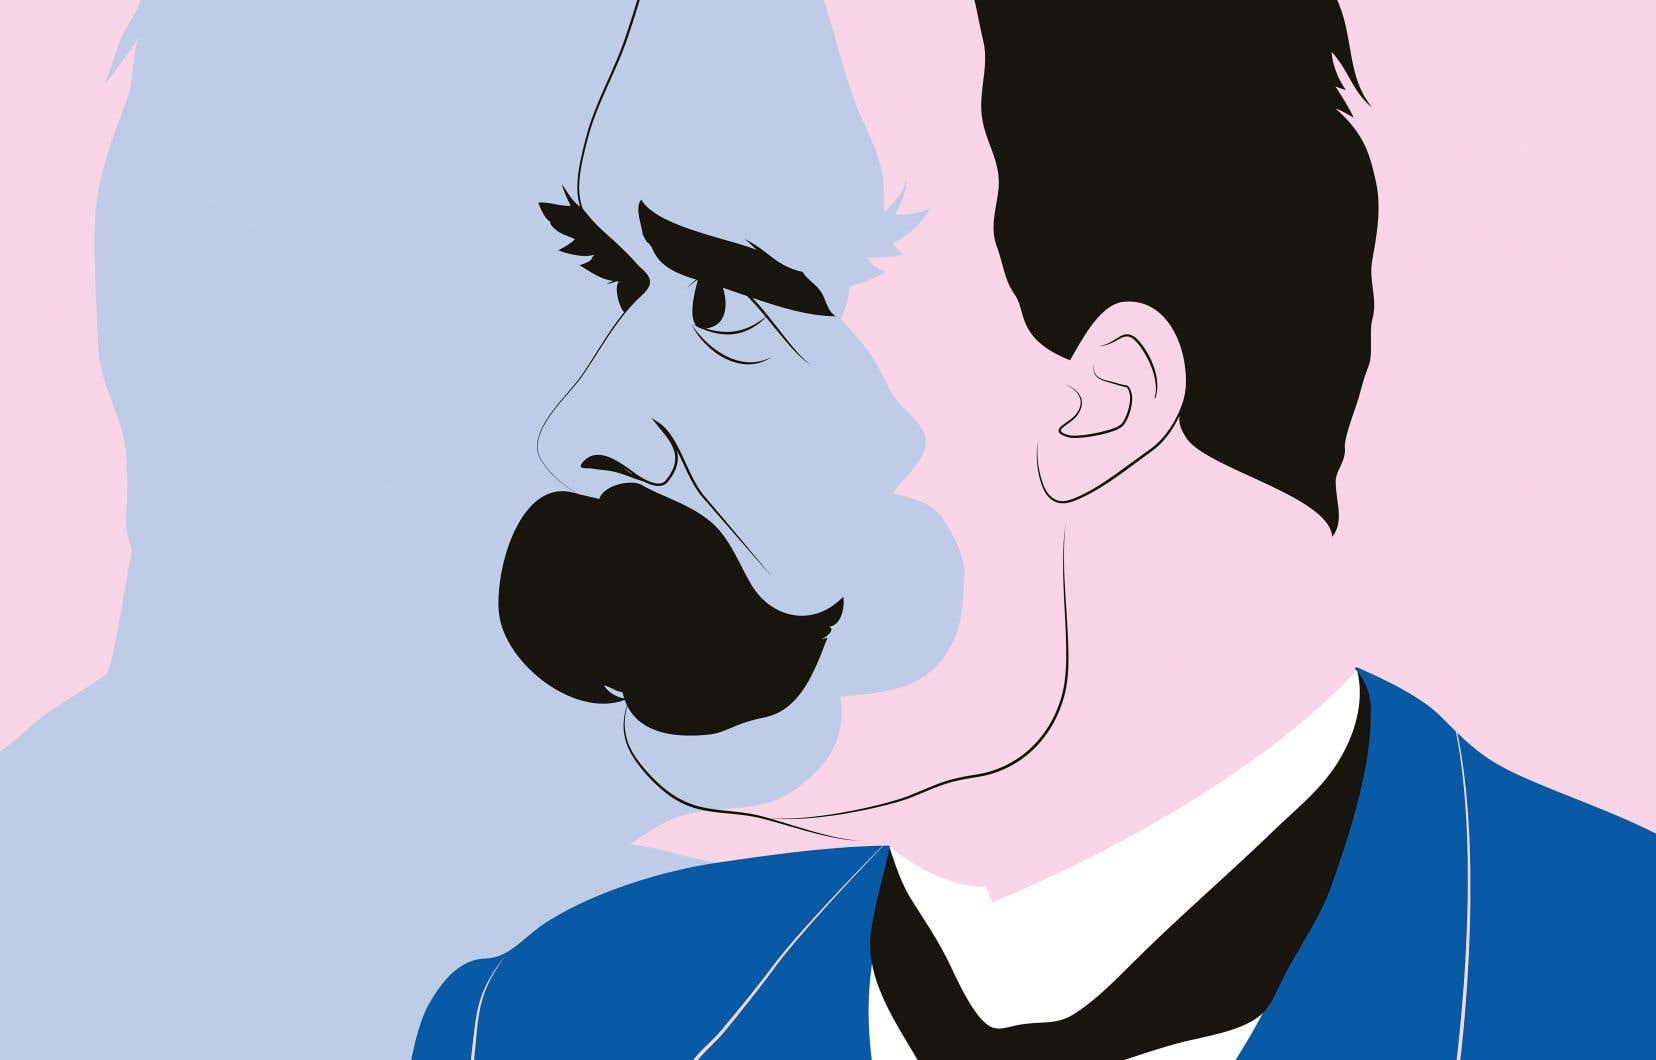 Nietzsche déploie une forte critique de notre civilisation: elle repose sur du vide plus que sur de la plénitude.